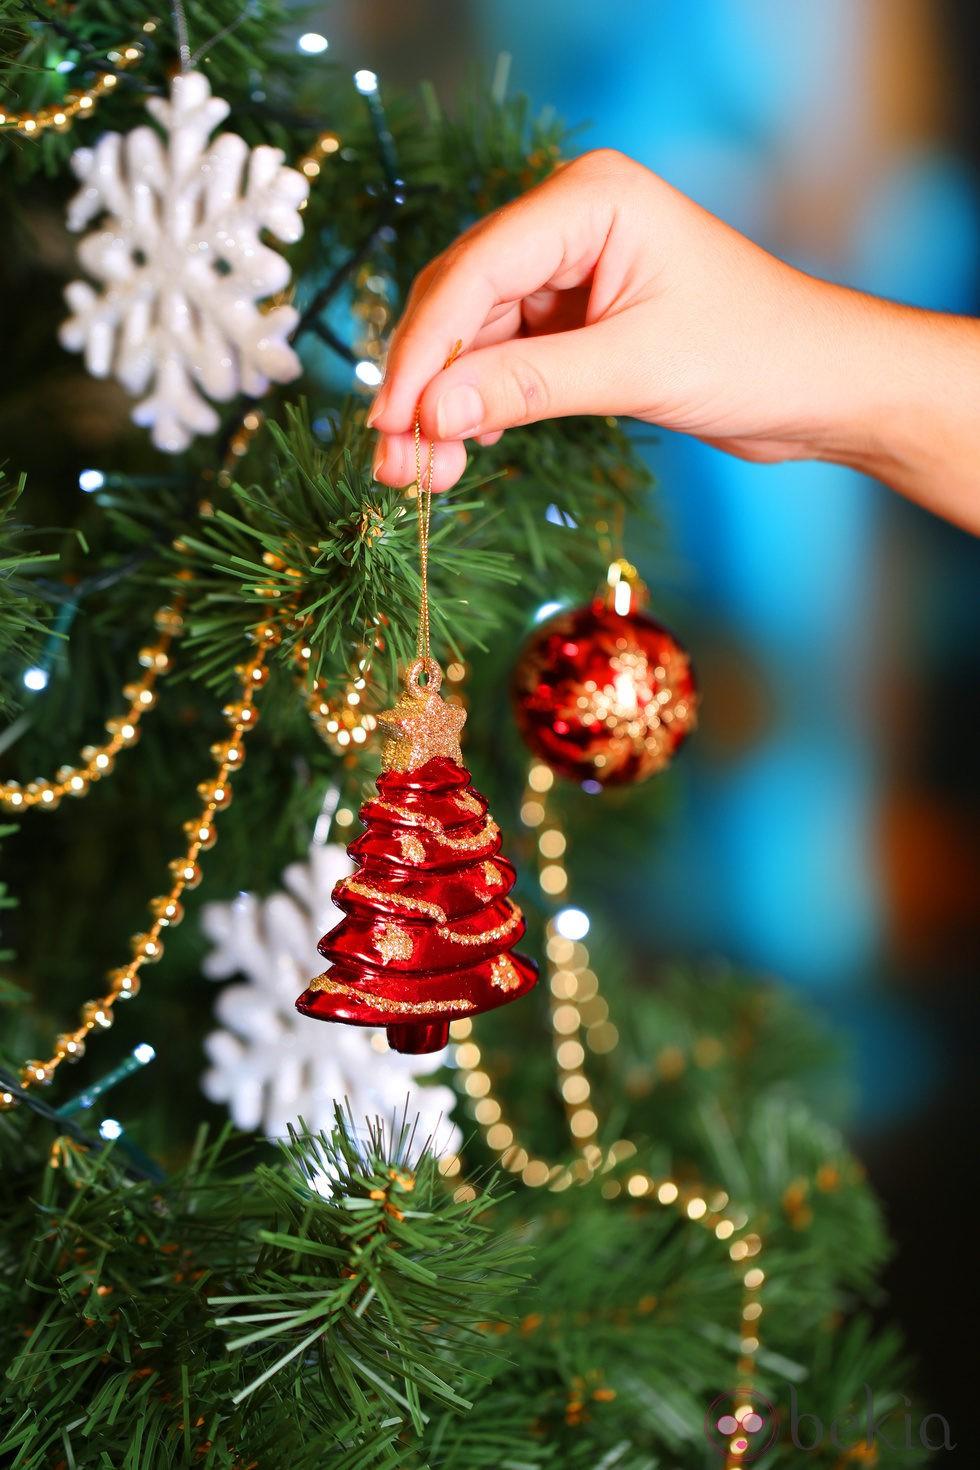 Figuritas de arboles imagui - Imagenes de arboles de navidad decorados ...